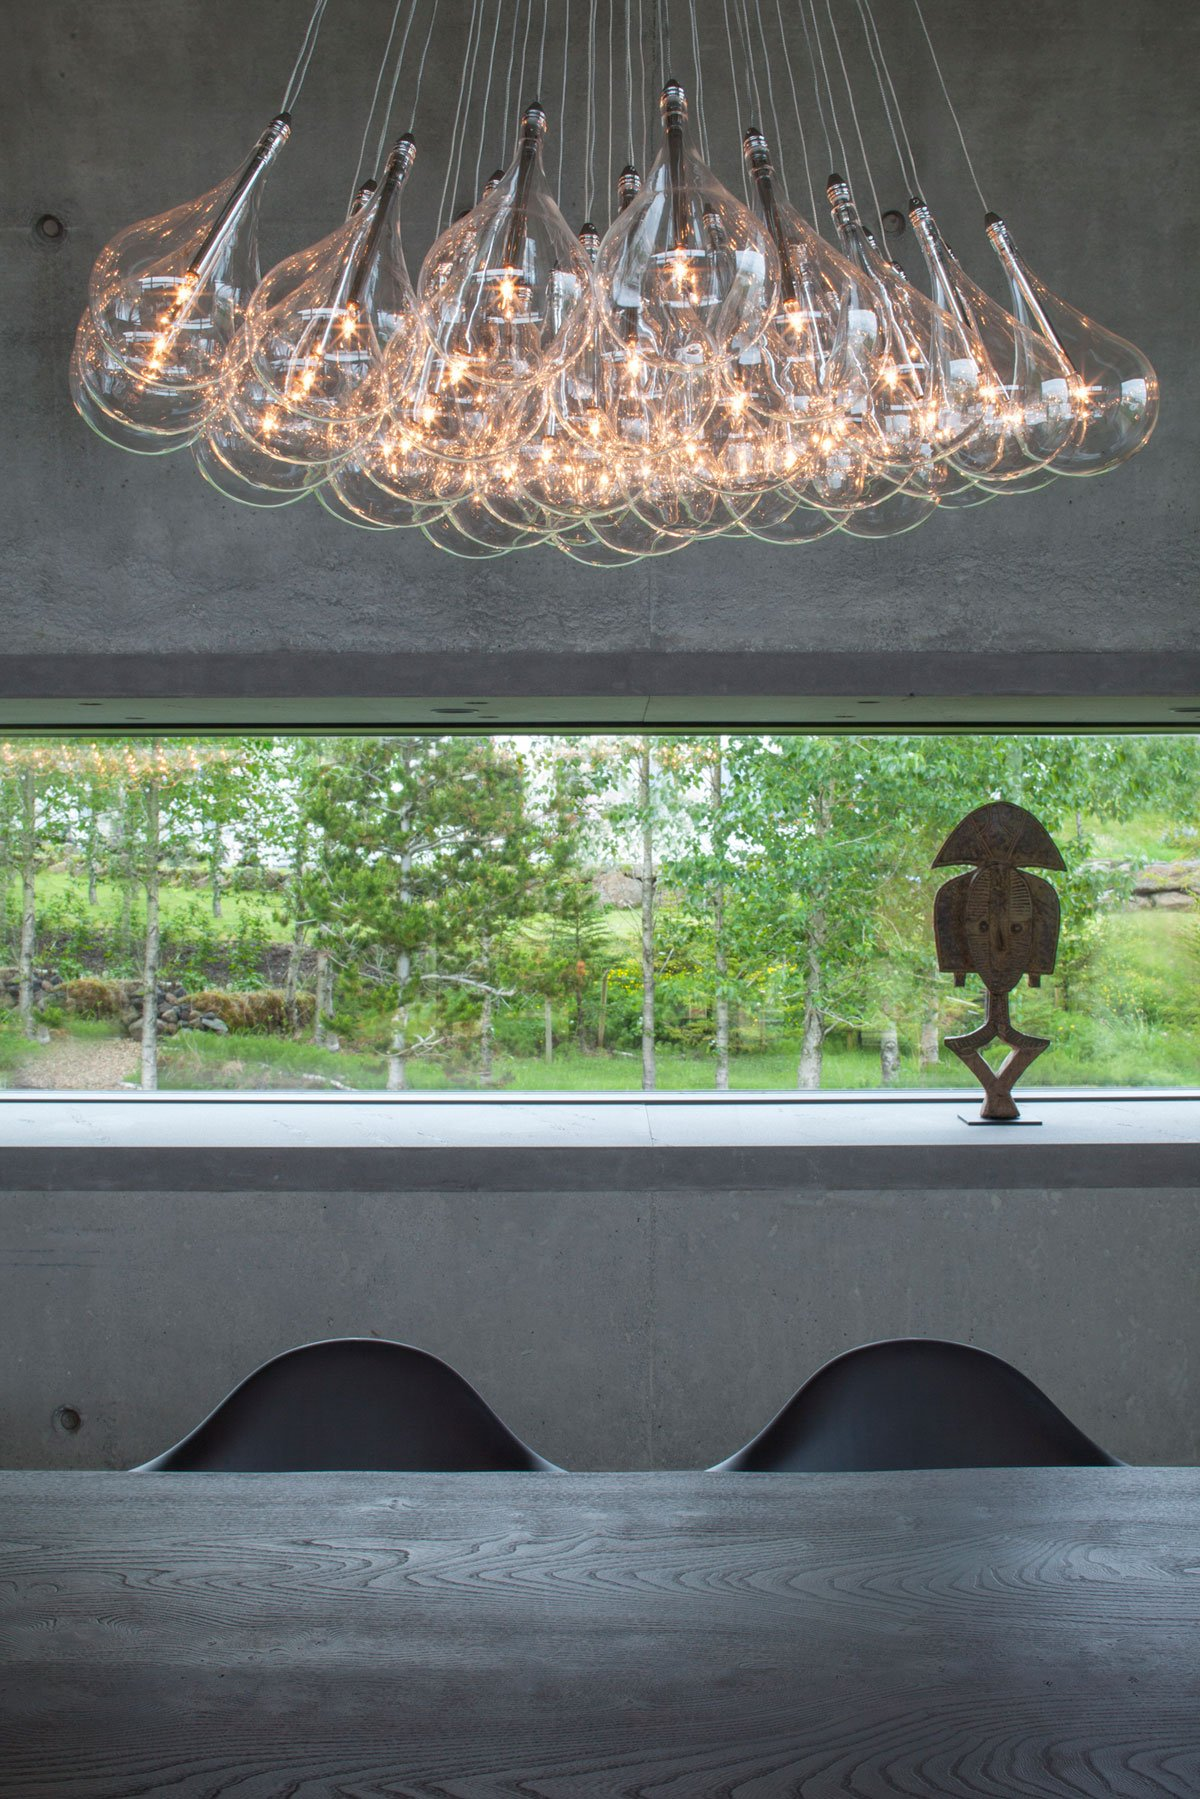 EON architecture, House of Shapes, панорамное остекление фото, частные дома в Исландии фото, необычная форма дома фото, дизайн лестницы в частном доме